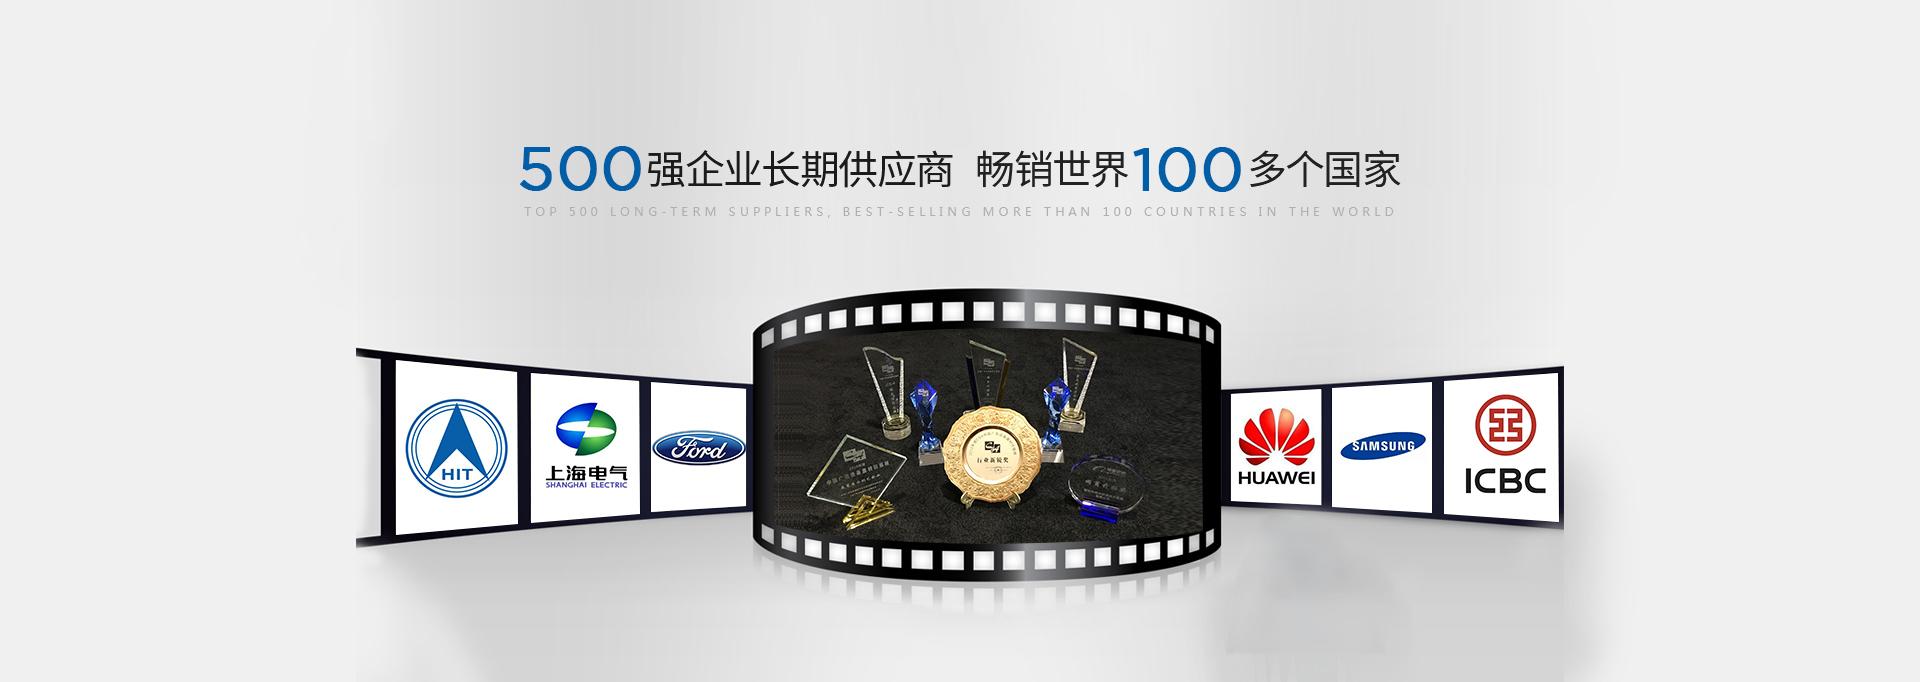 灵特尔·500强企业长期供应商,畅销世界100多个国家